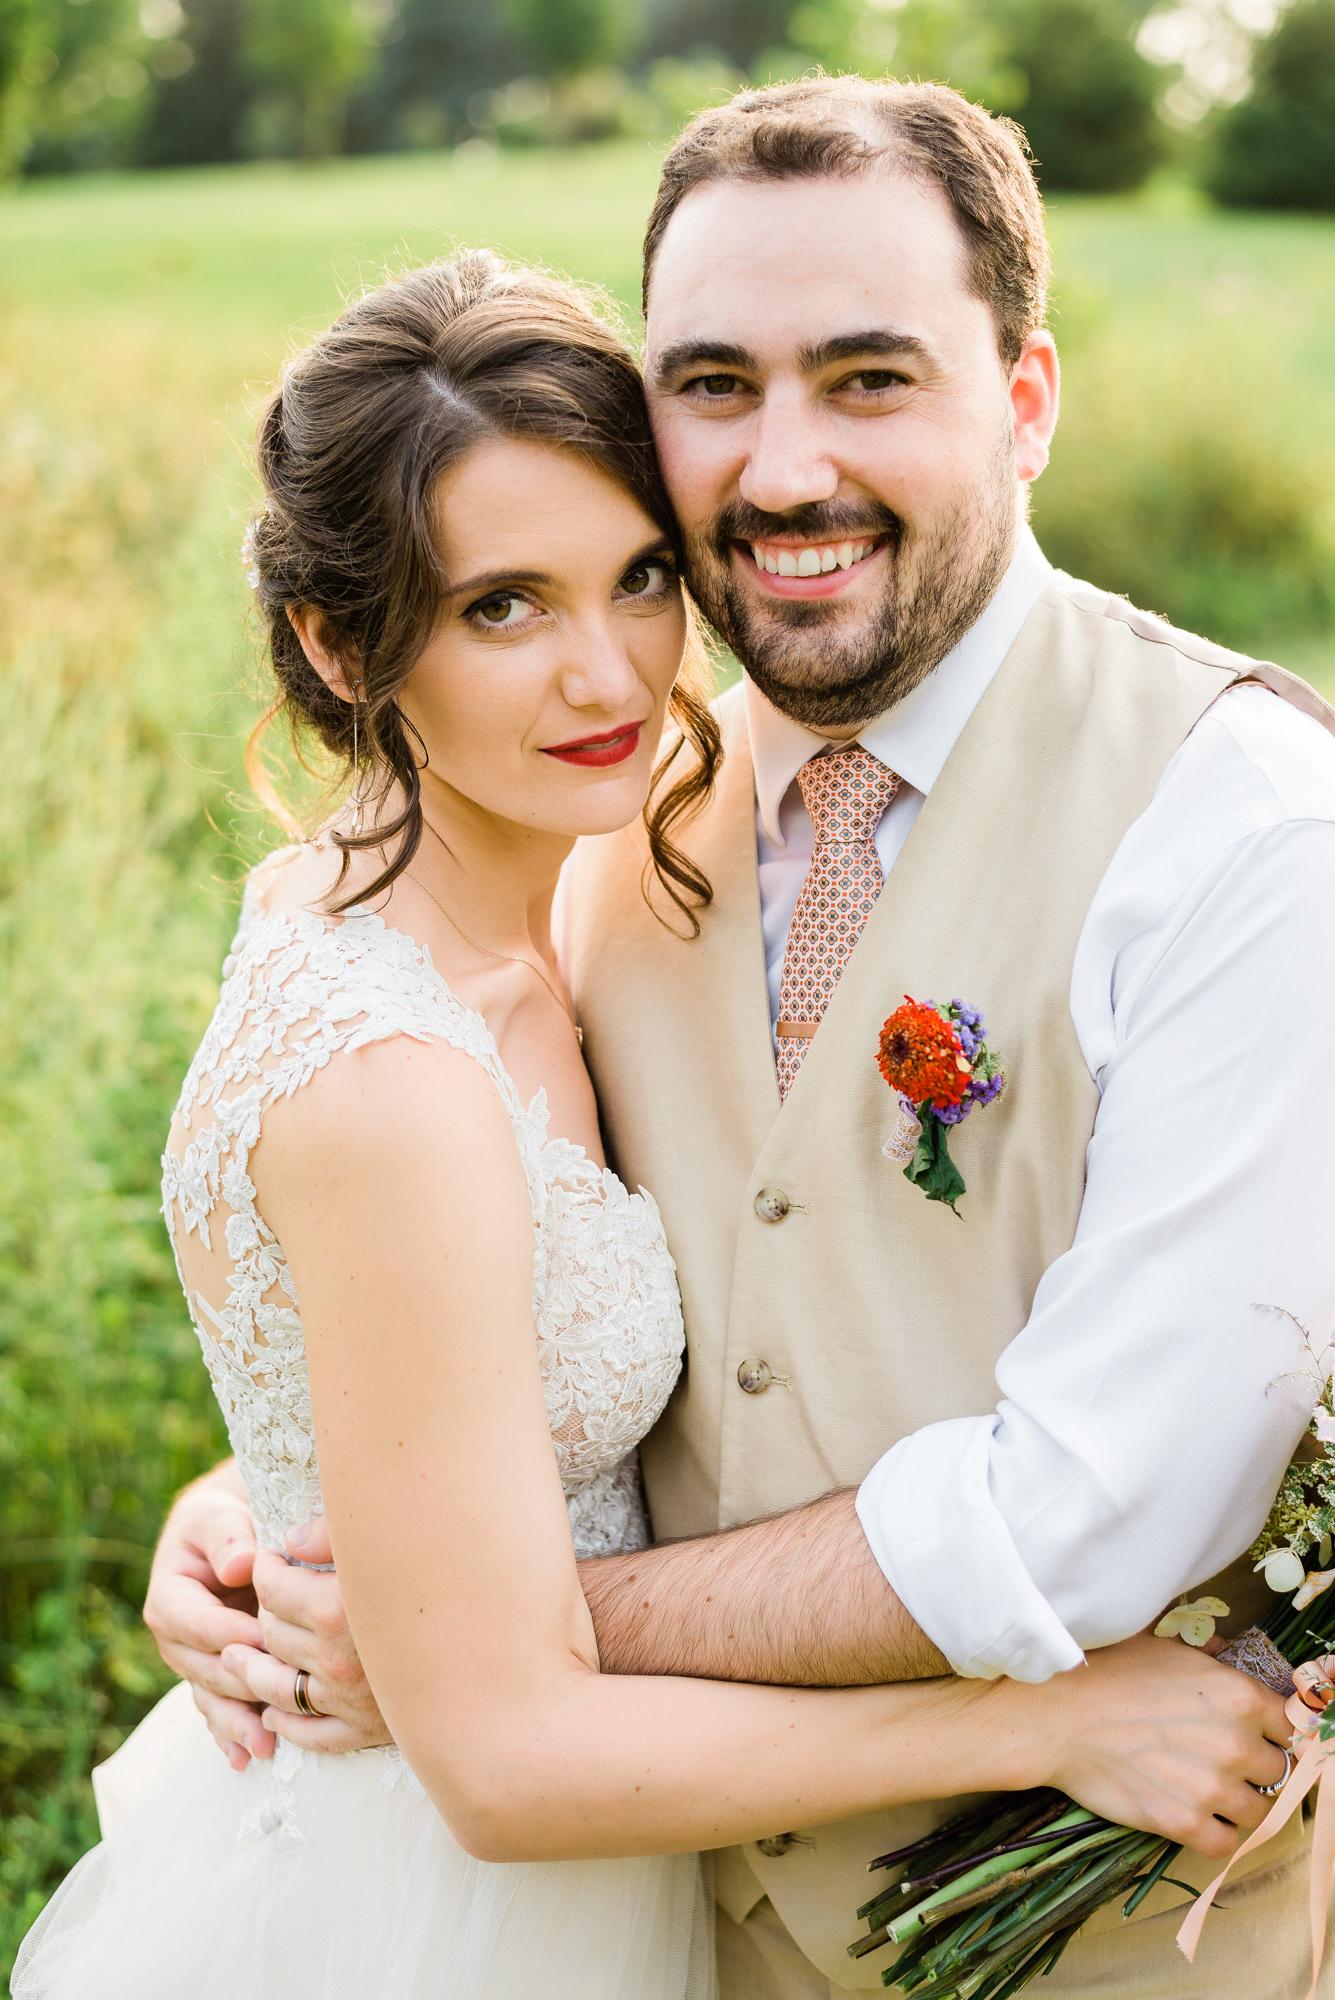 Oxford Iowa Farm Wedding Day Photography